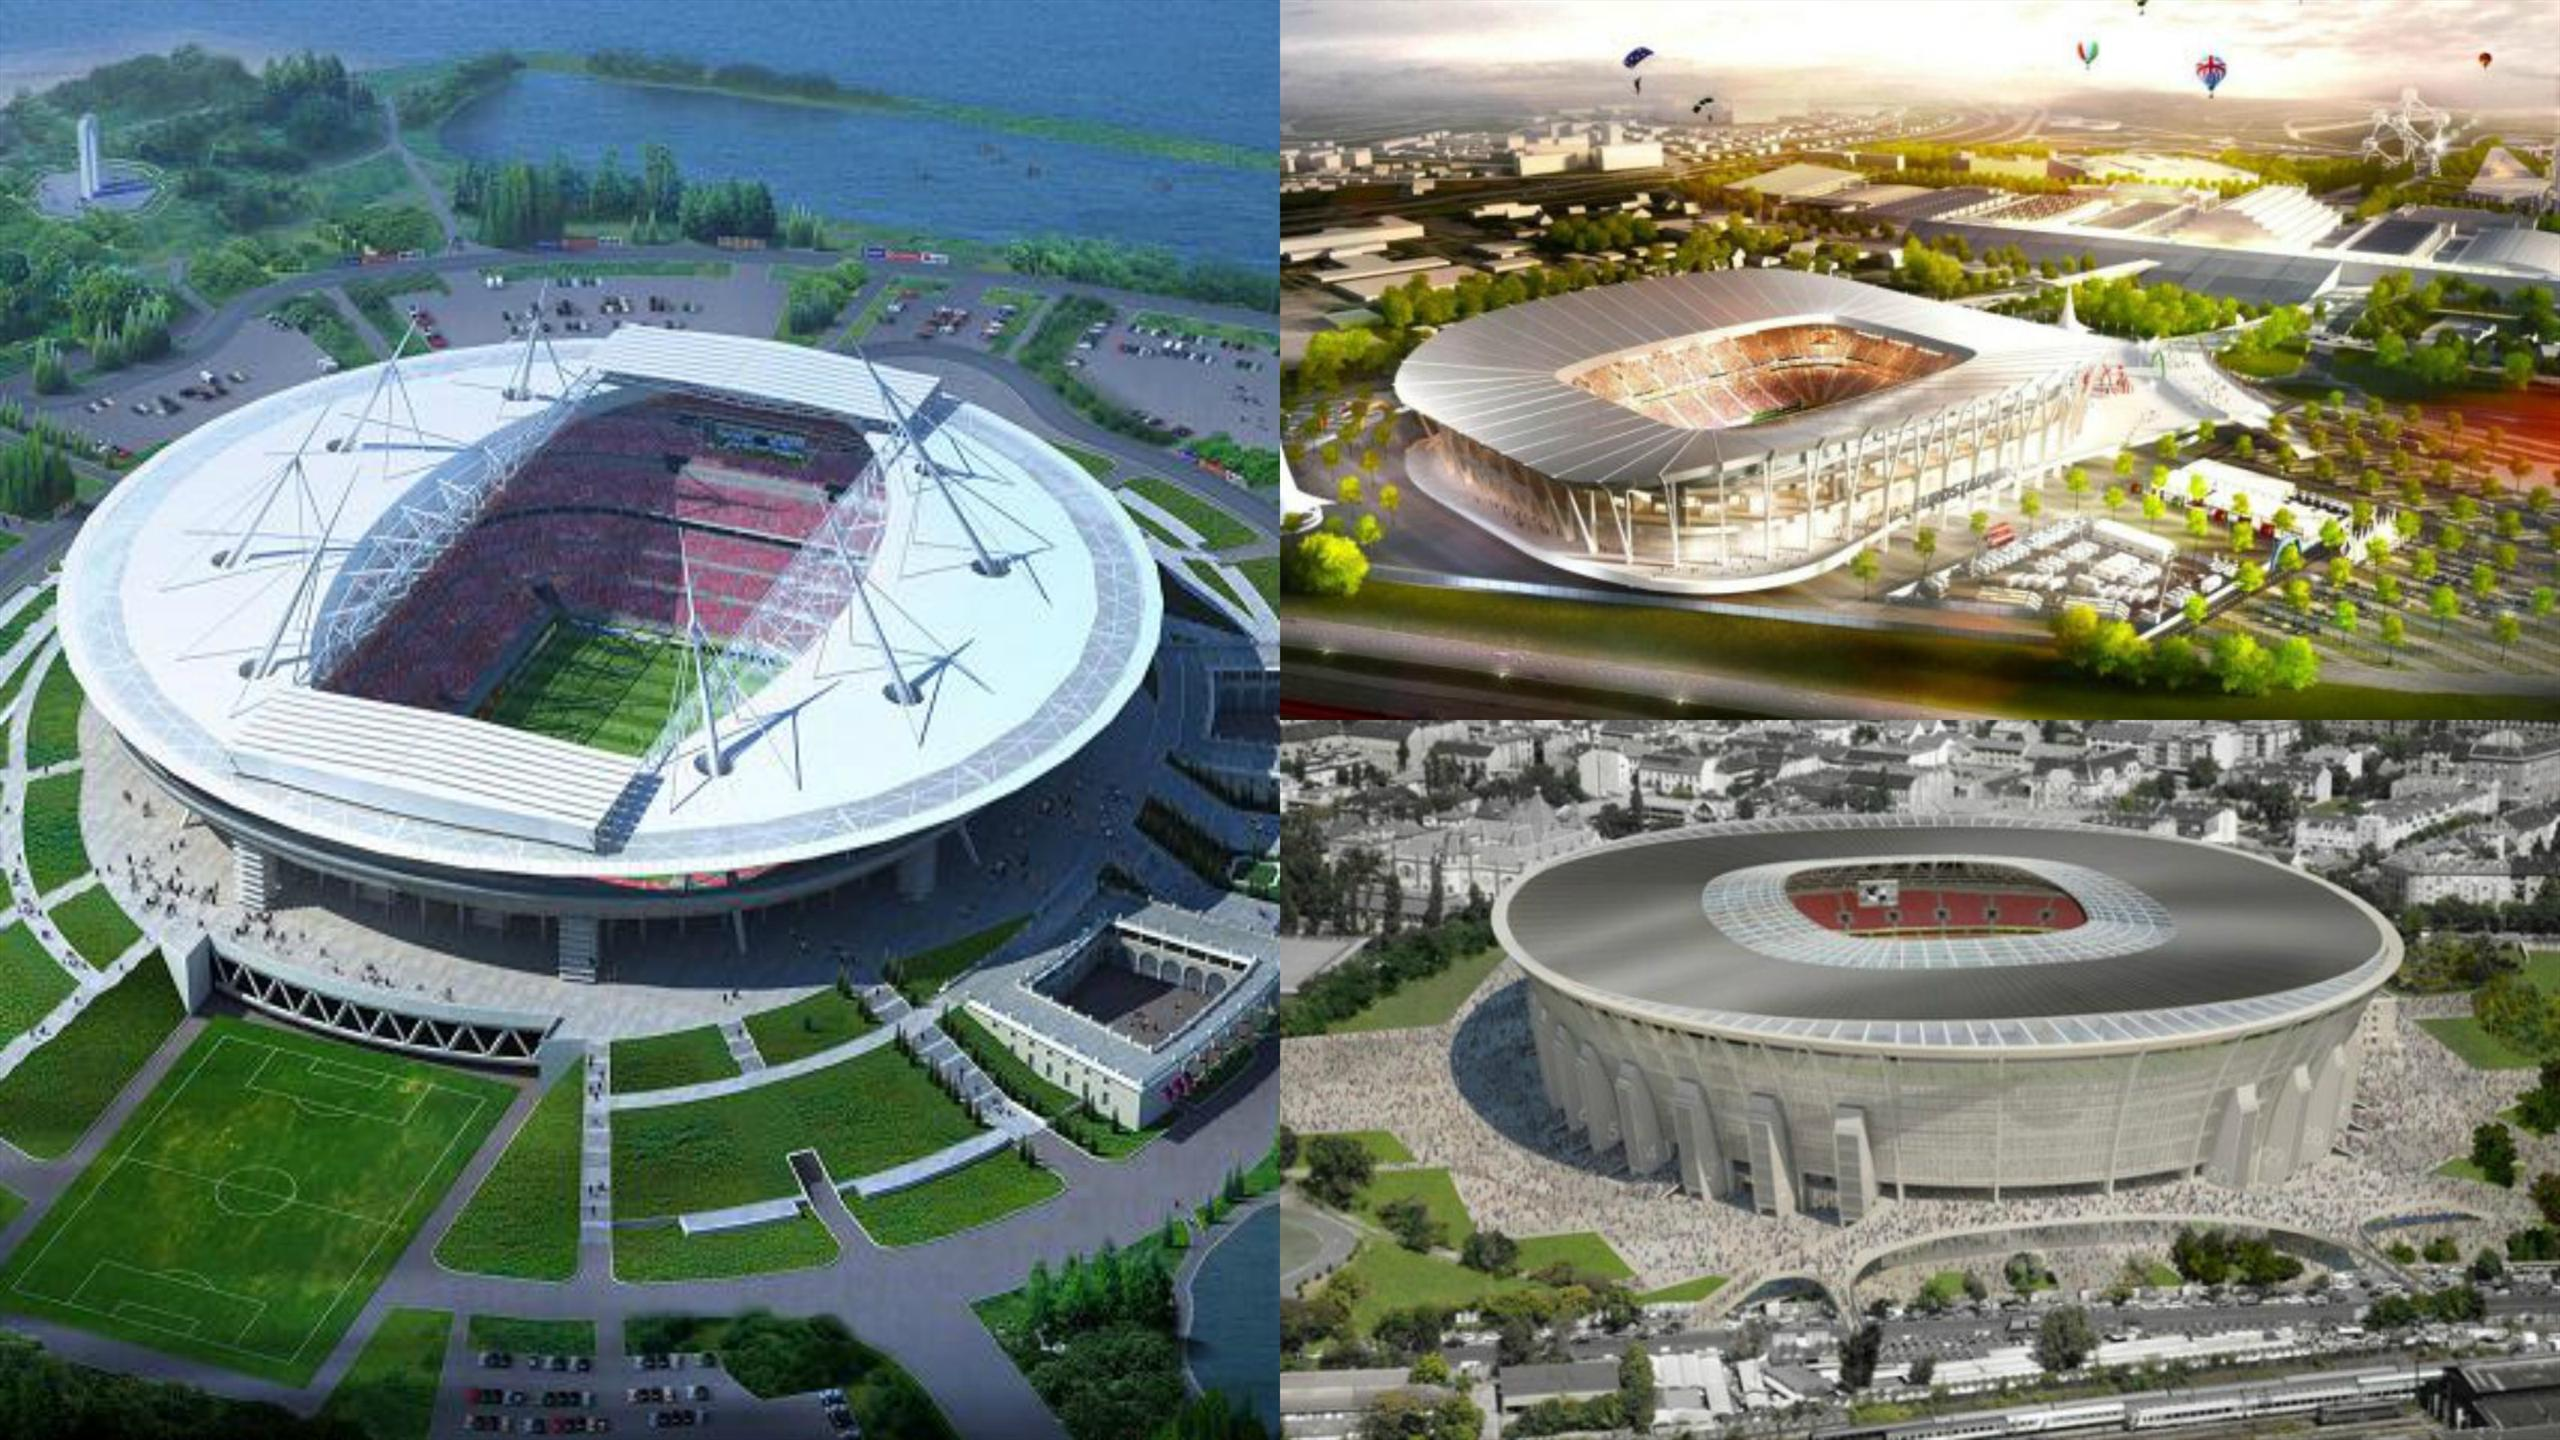 FOOTBALL MASCULIN CHAMPIONNAT D'EUROPE 2020 1316957-28332369-2560-1440